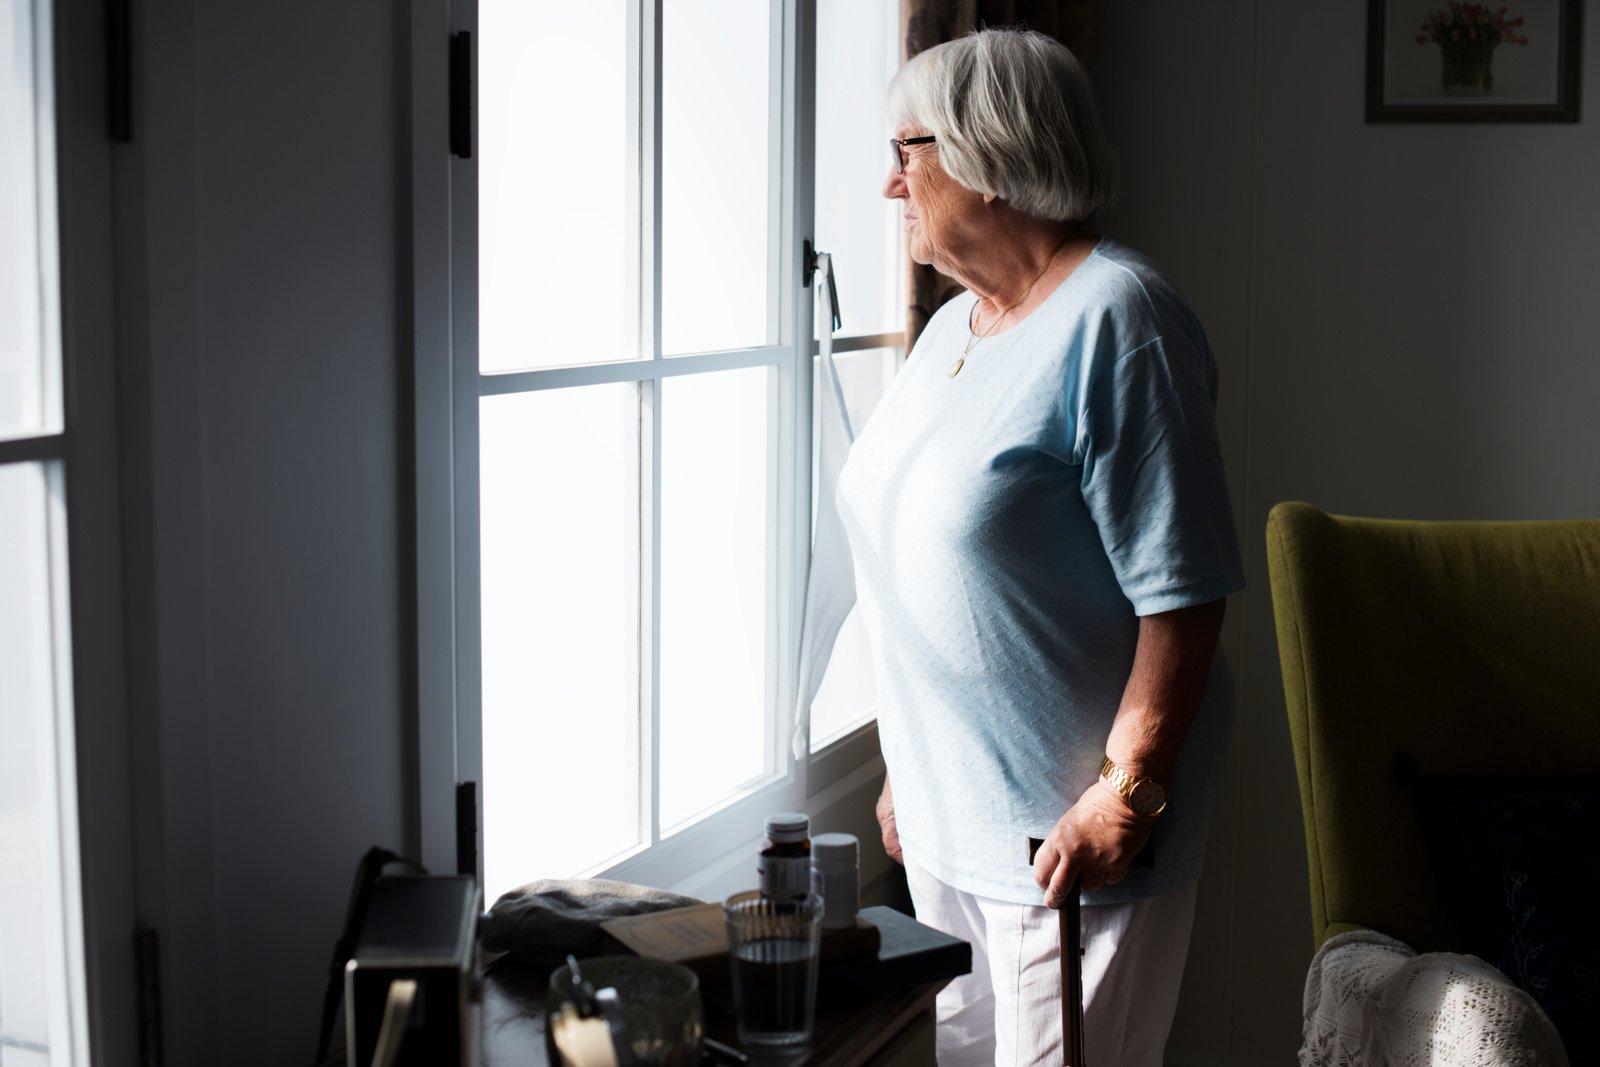 5 atsakymai apie vienišo asmens išmoką: ką reikia žinoti?